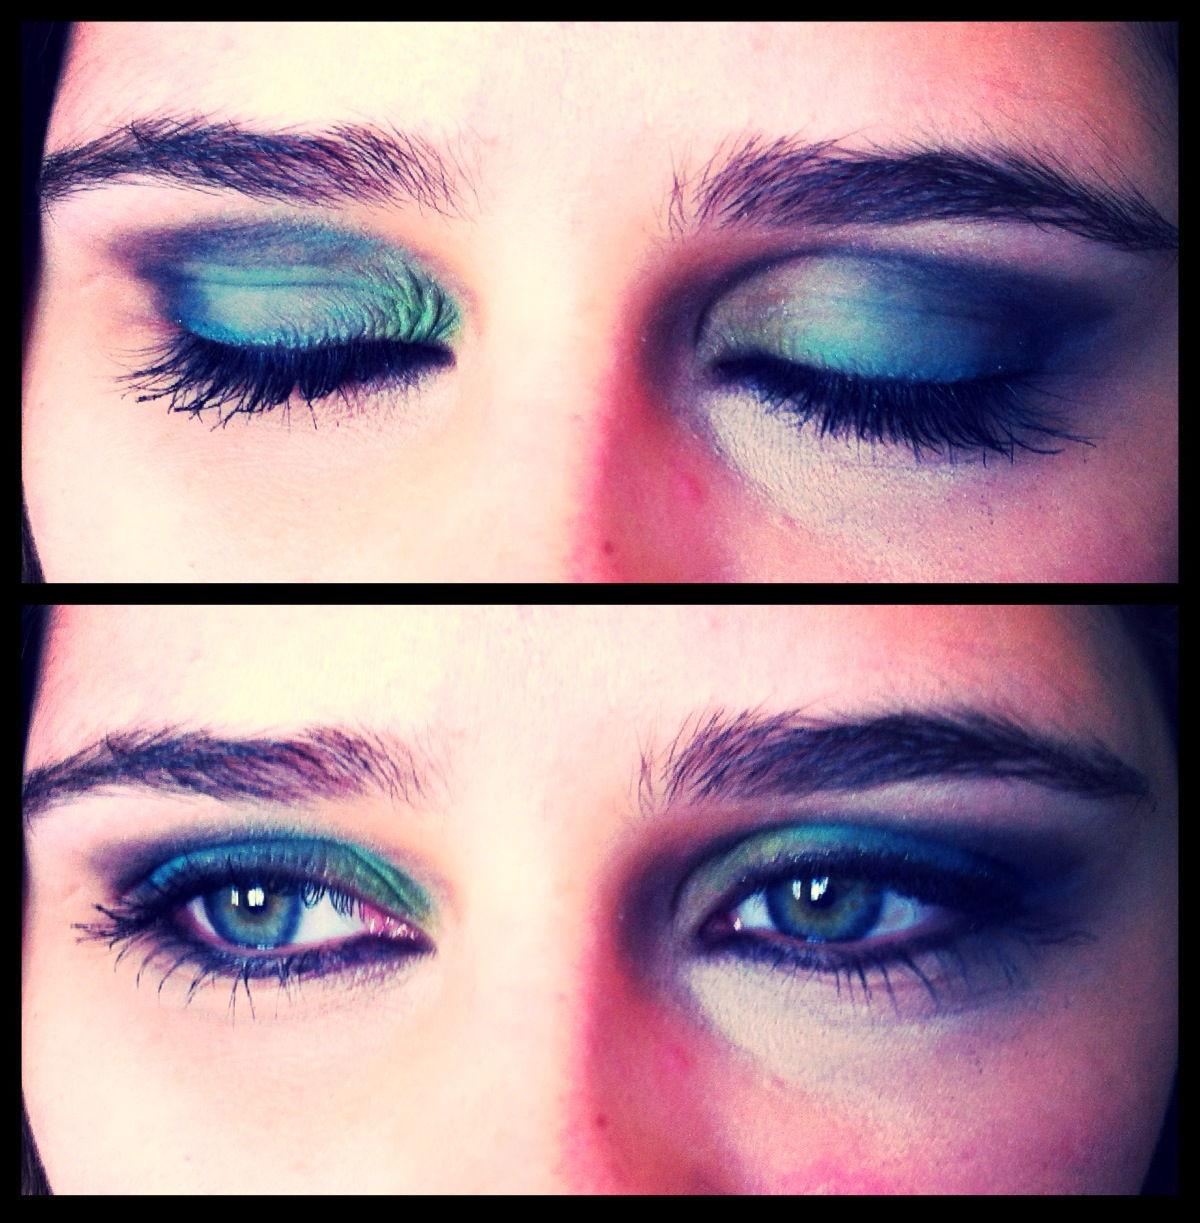 Embelezamento do Olhar cosmetólogo(a)